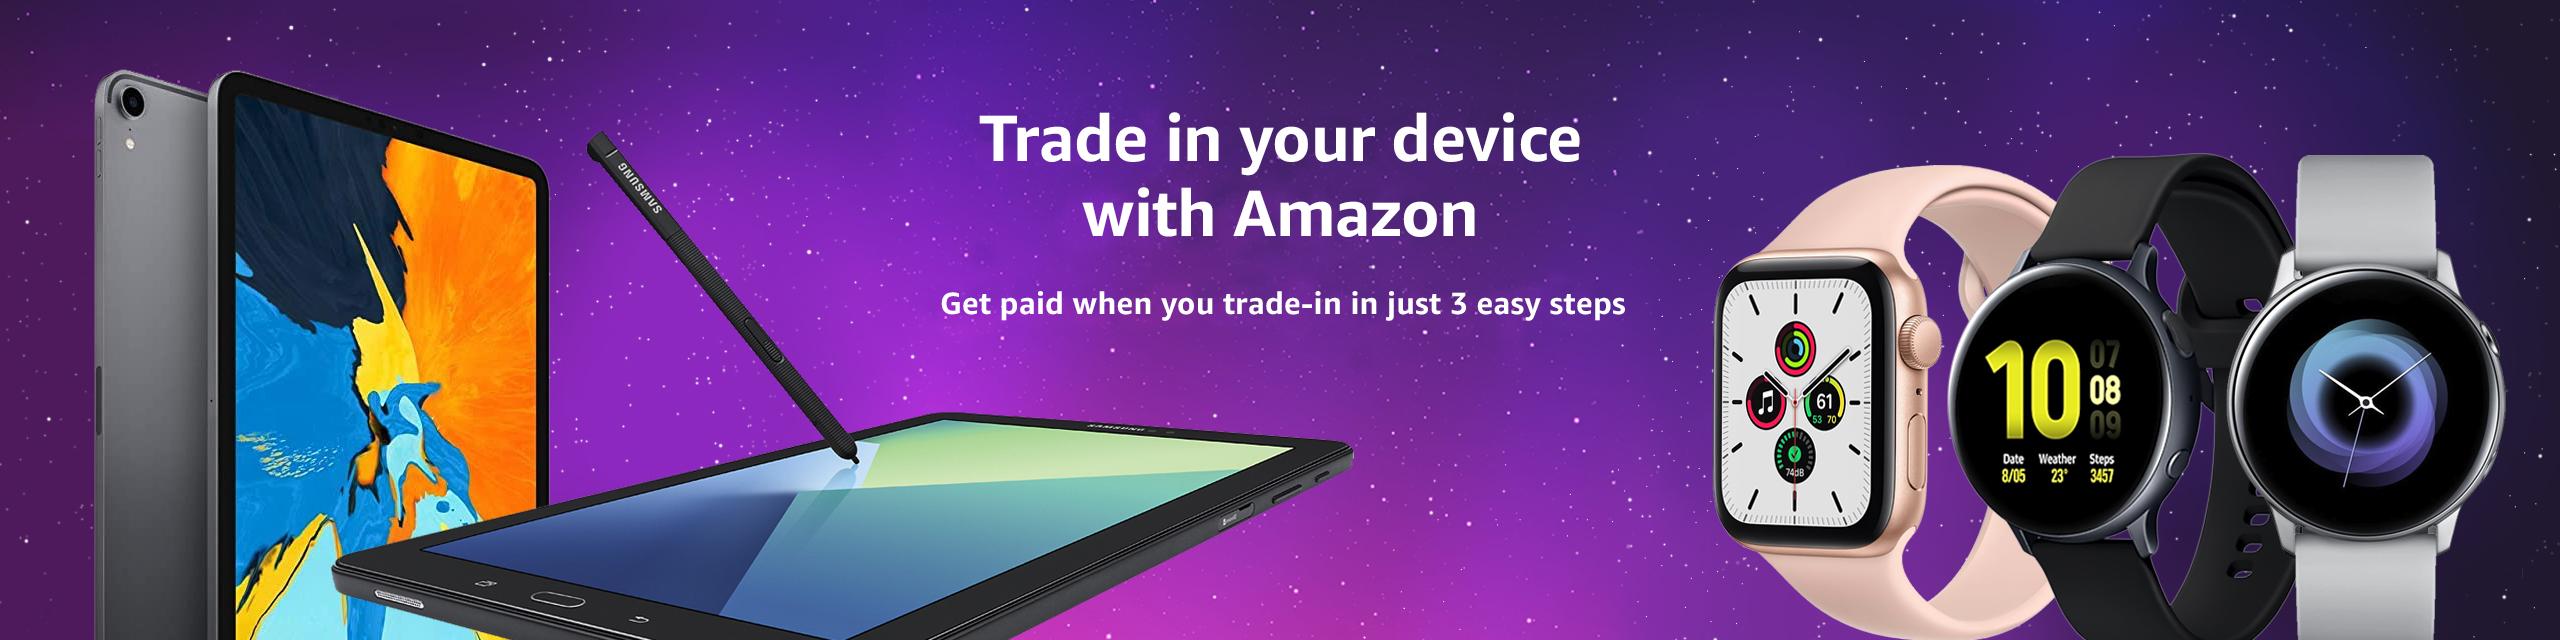 Brightstar Trade In